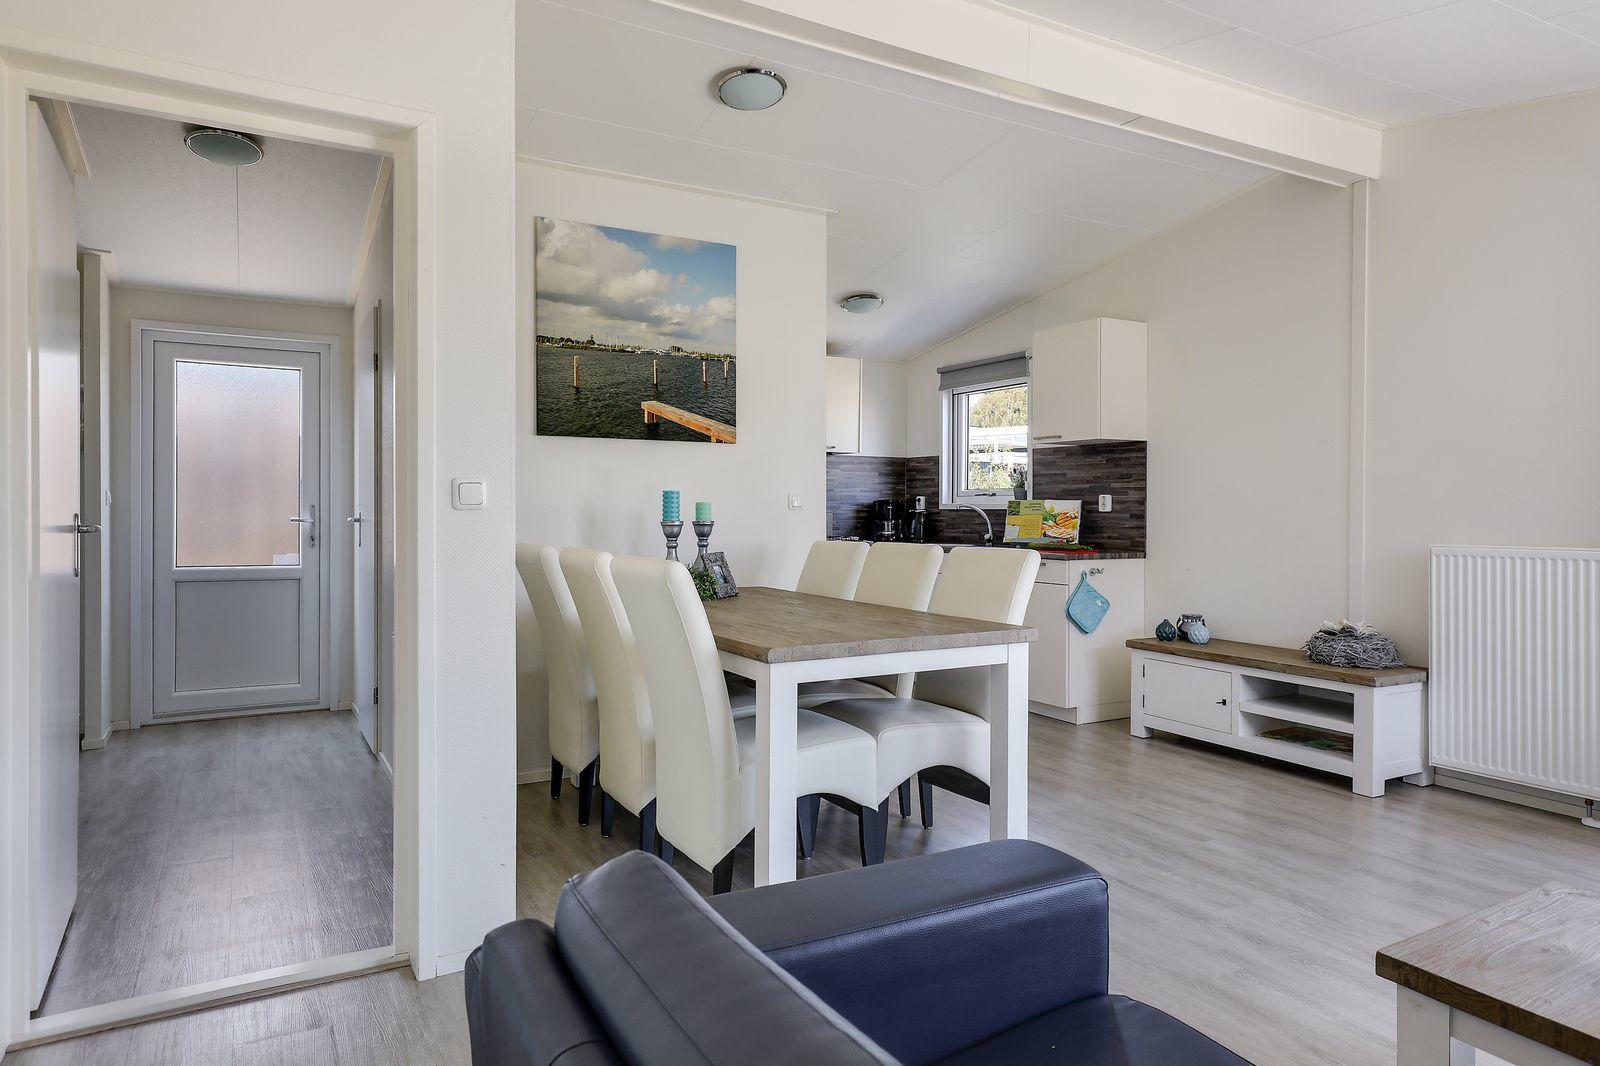 Strandhaus: 6 Personen, 3 Schlafzimmer